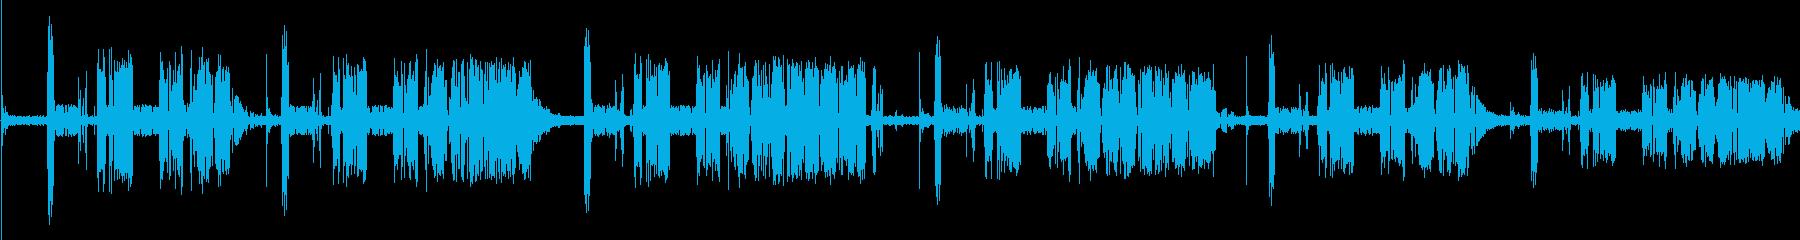 【無線,ラジオ】ノイズ,ザザー,ジジーの再生済みの波形